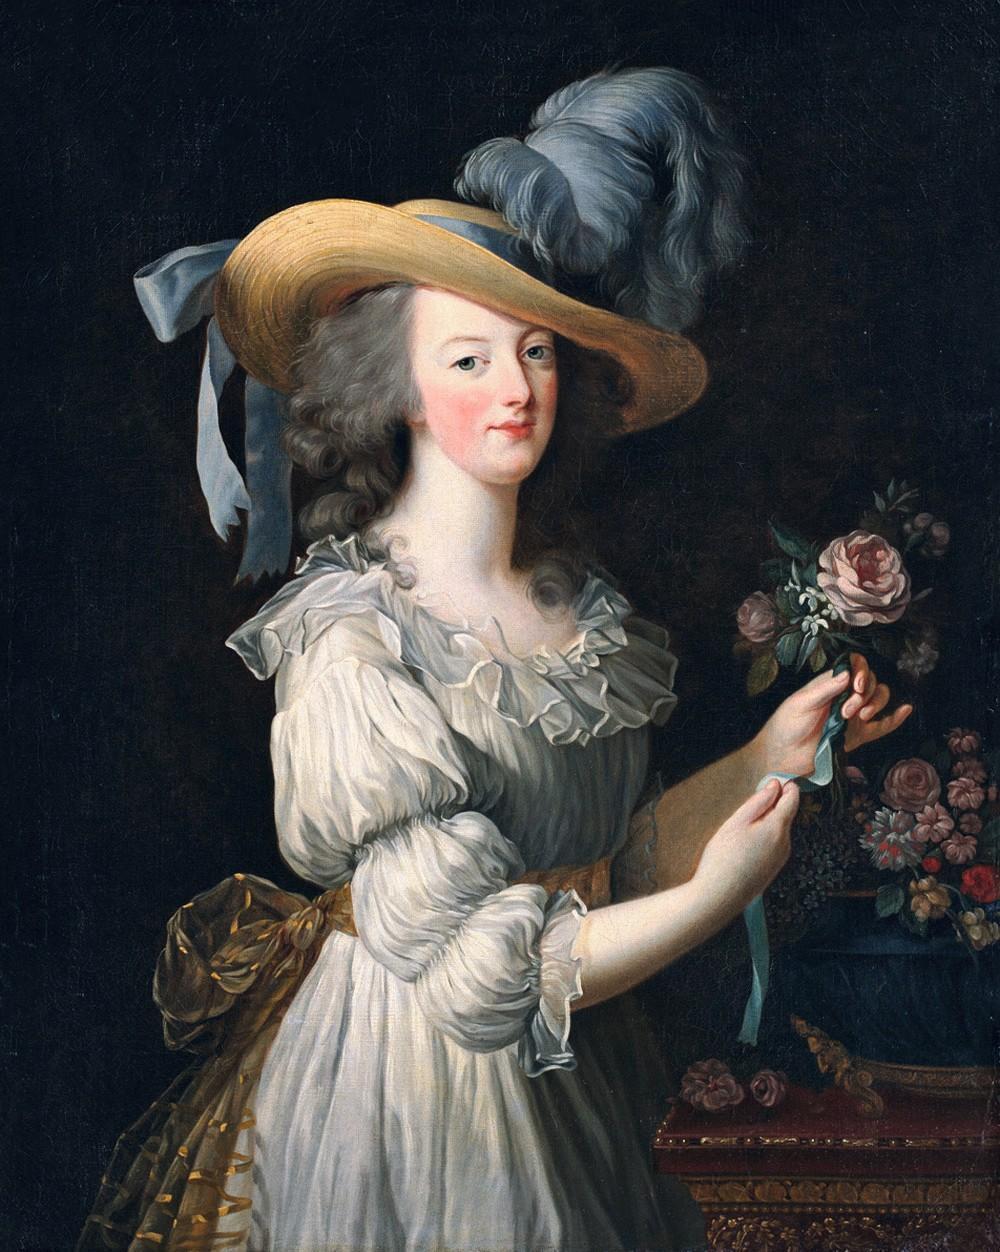 Élisabeth Vigée-Le Brun, Marie-Antoinette, 1783, huile sur toile, 92 × 73 cm, National Gallery of Art, Washington.